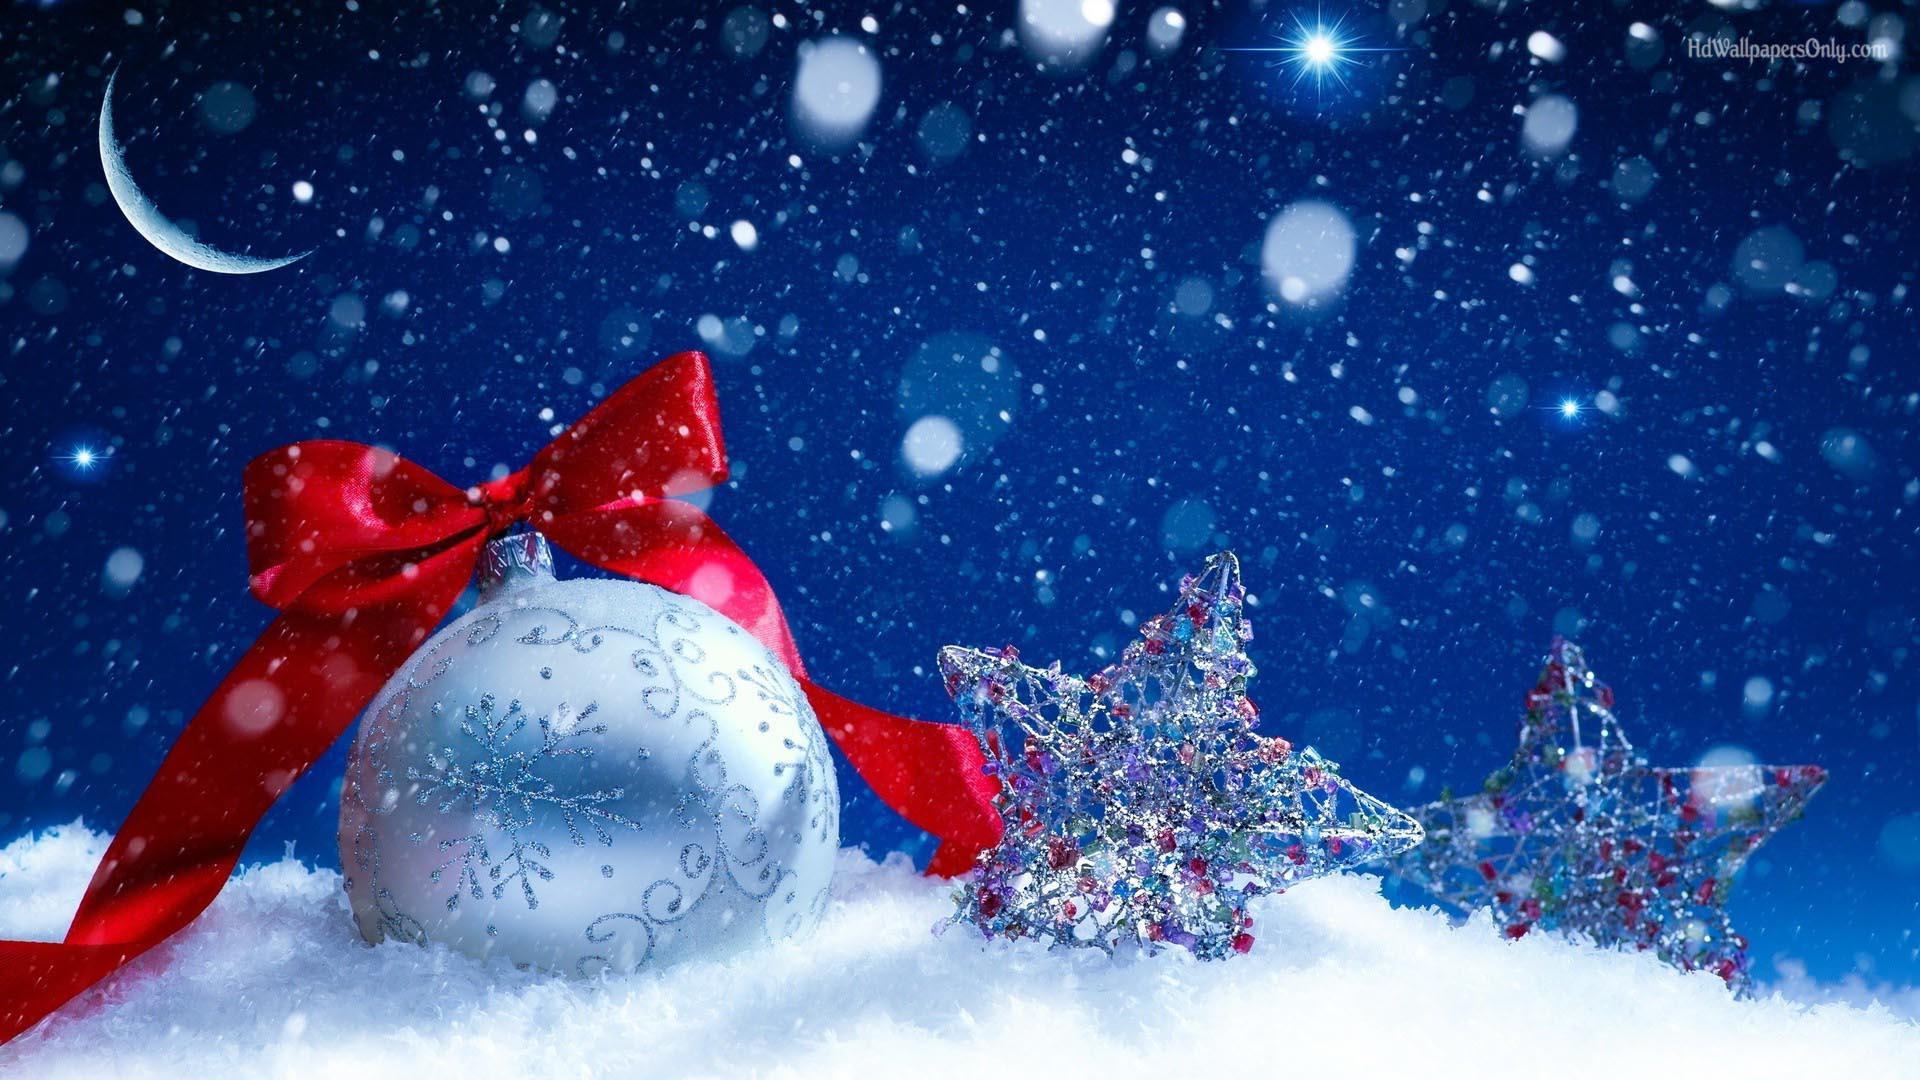 HD Winter Wallpapers 1080p - WallpaperSafari